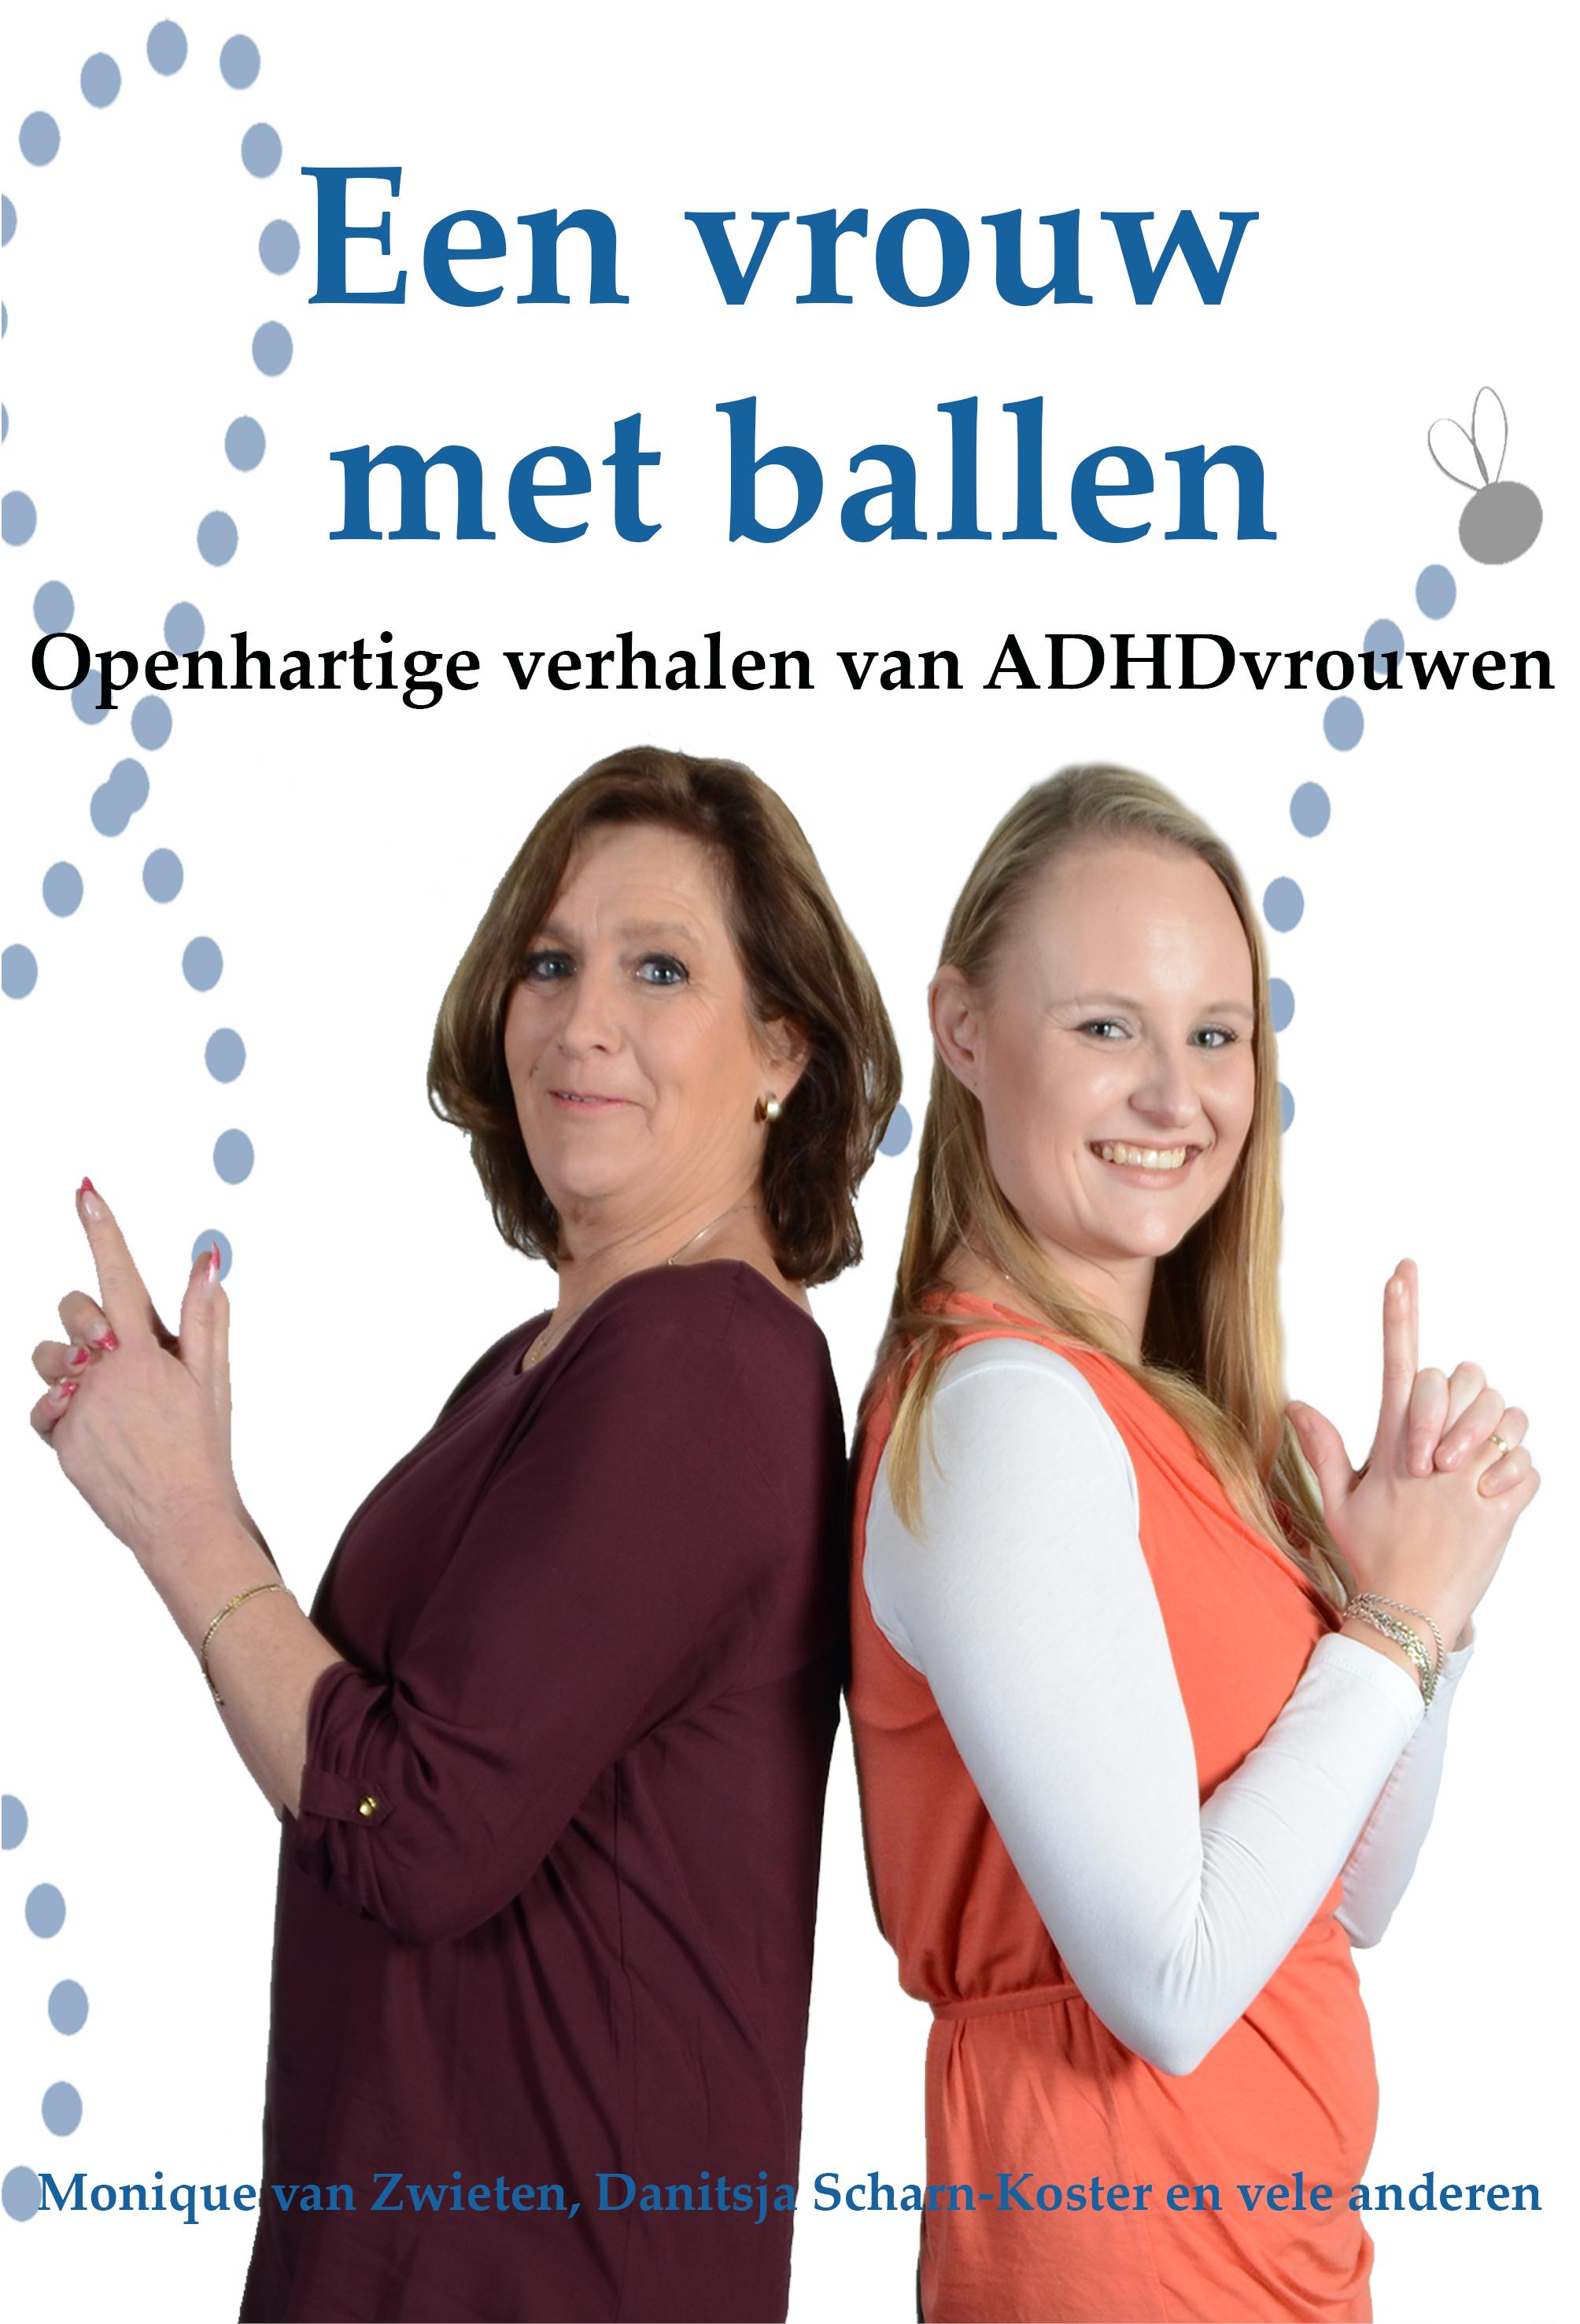 Kaft-Een-vrouw-met-ballen-ADHDvrouw-groot-formaat.png